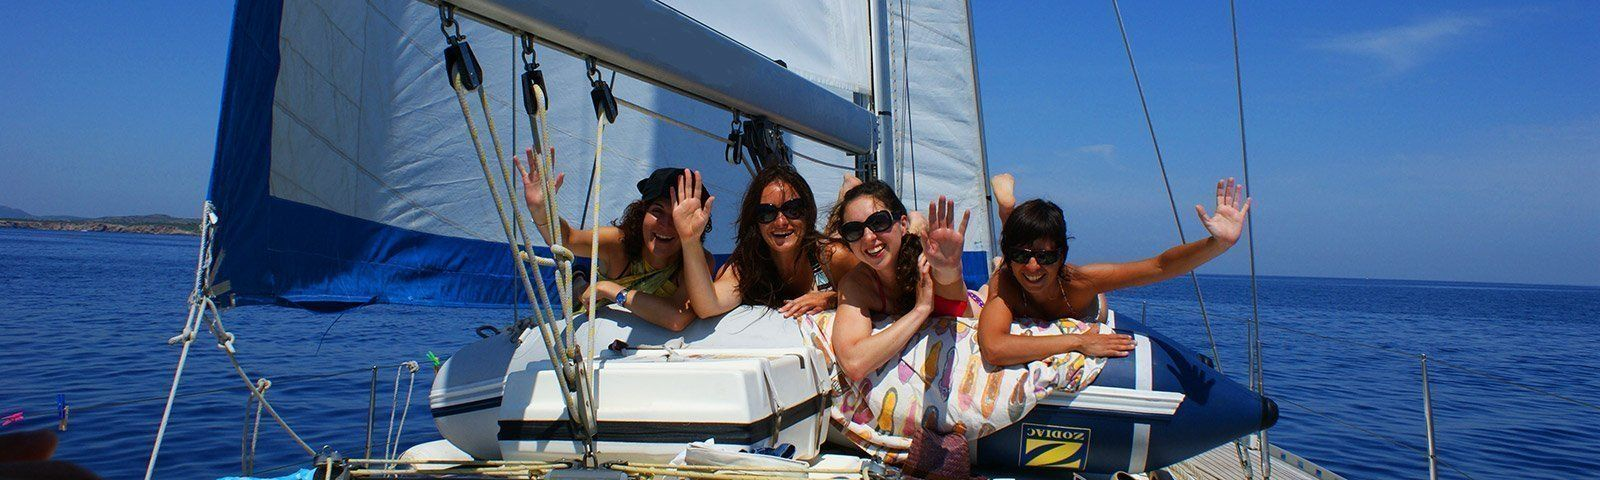 viaje-familia-croacia (7)